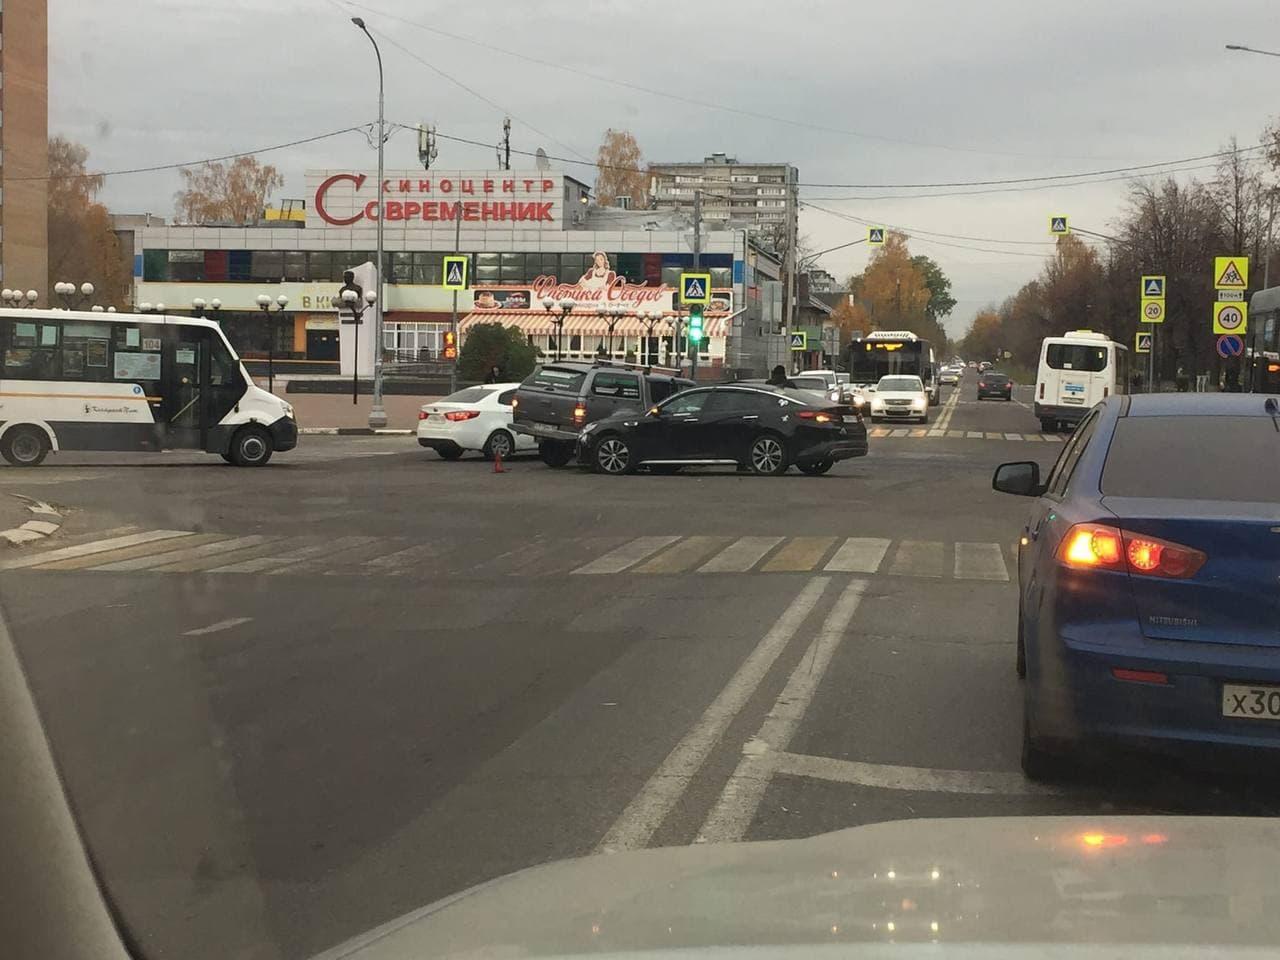 Электросталь, Подмосковье